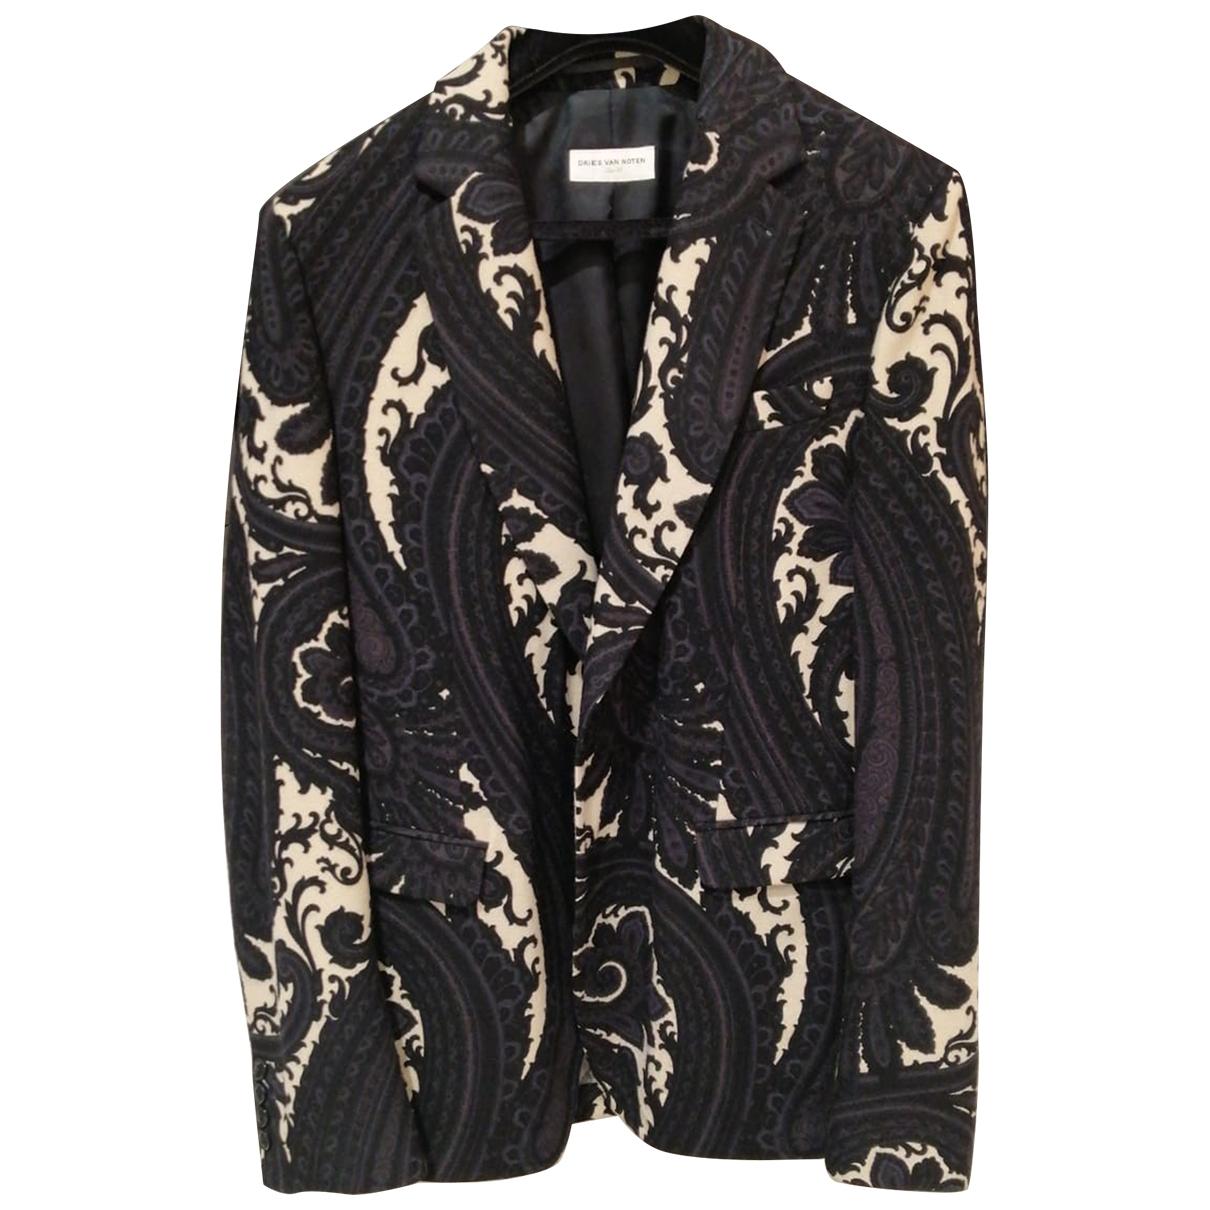 Dries Van Noten \N Black Wool jacket  for Men M International